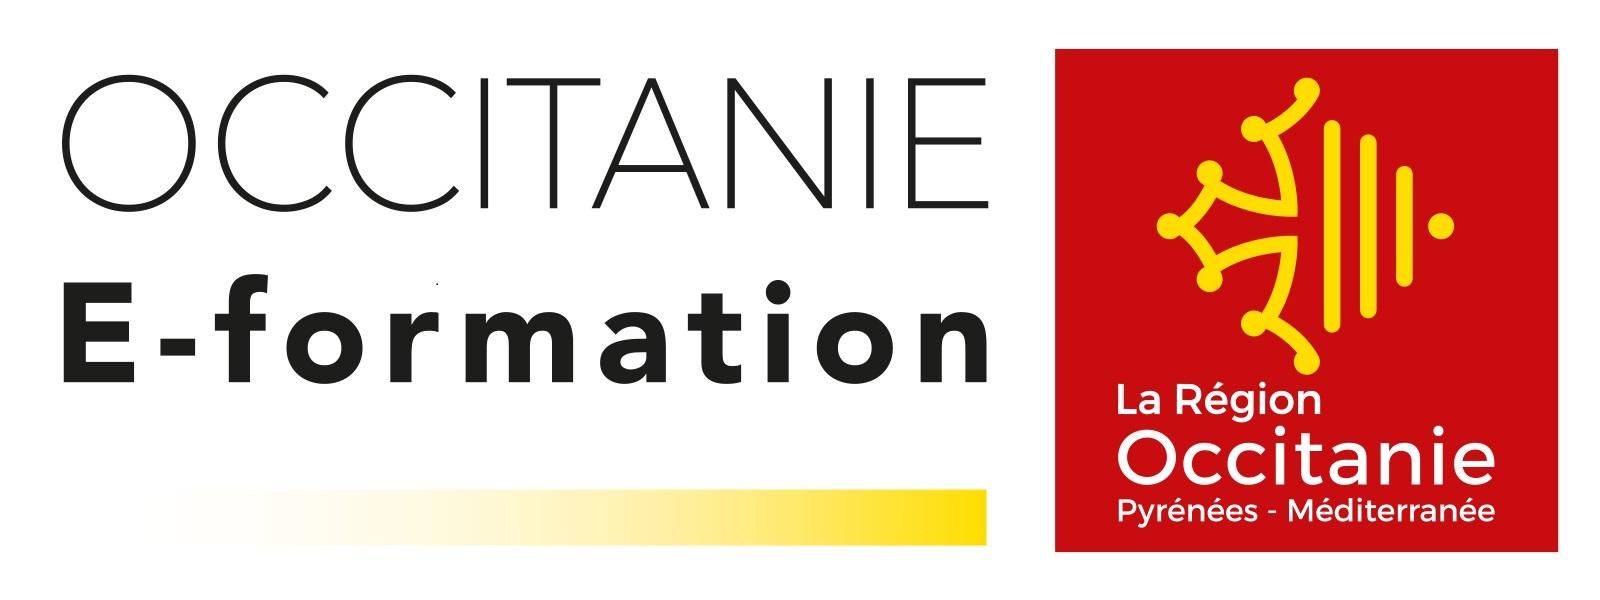 Occitanie e-formation